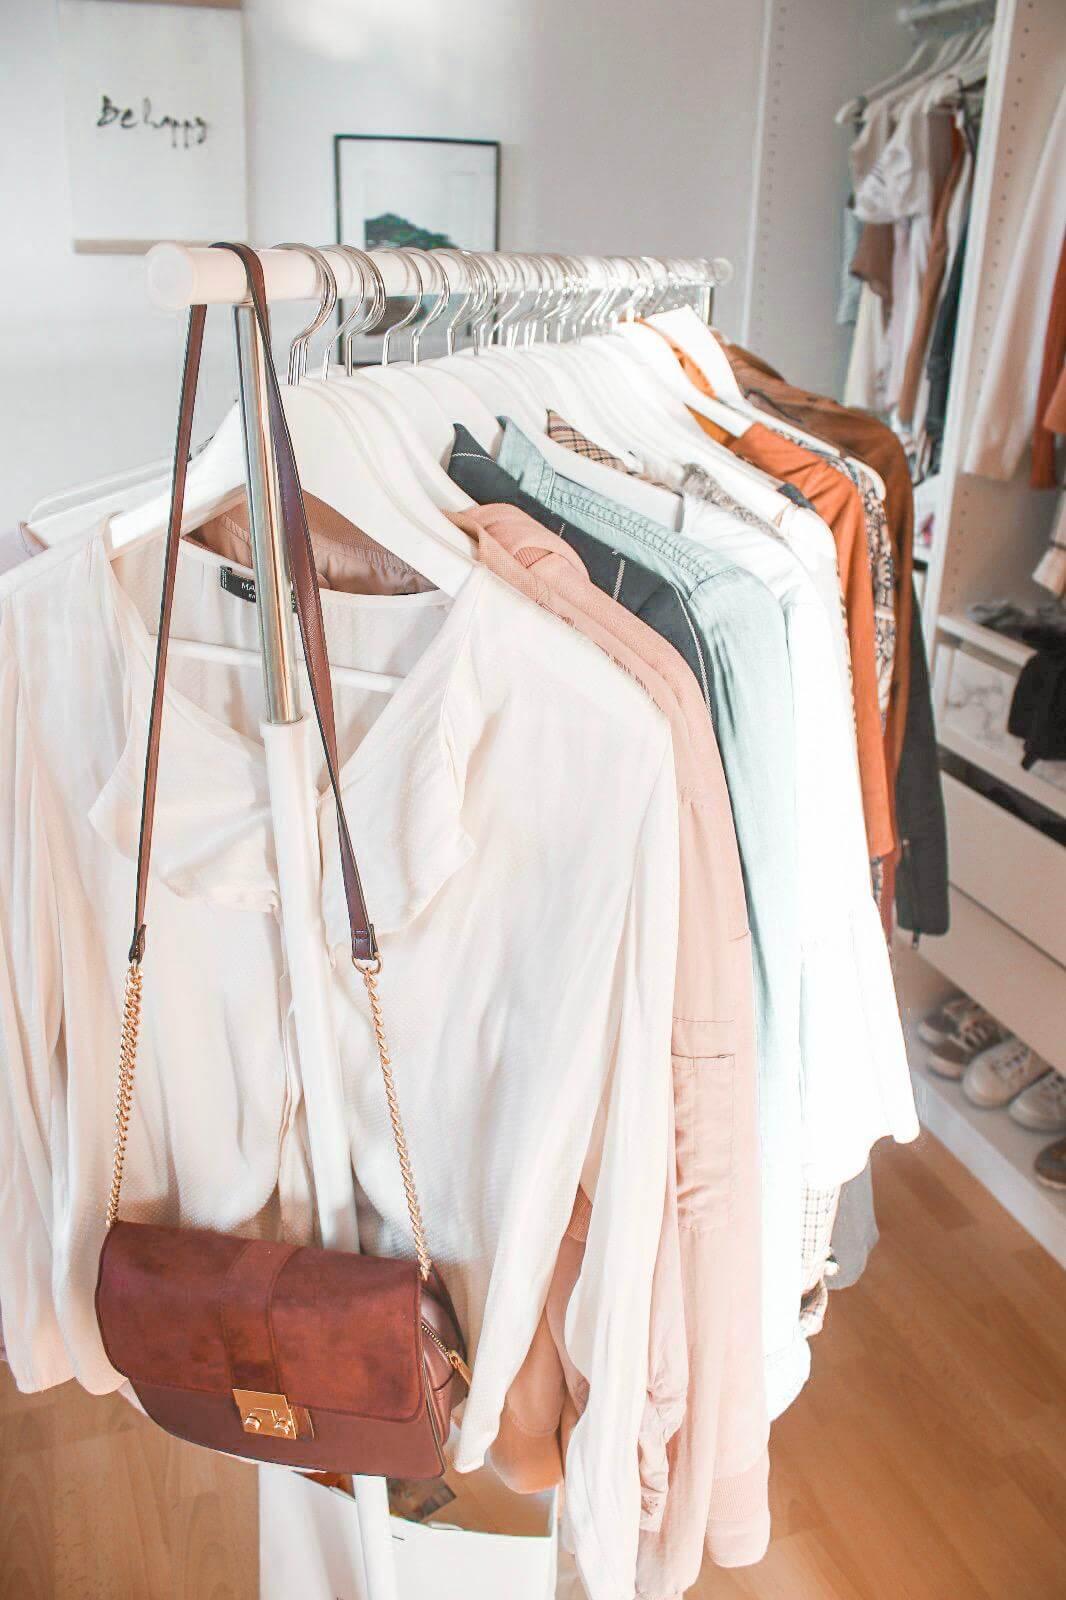 Im Kleiderschrank Ordnung schaffen - Was ziehe ich heute an